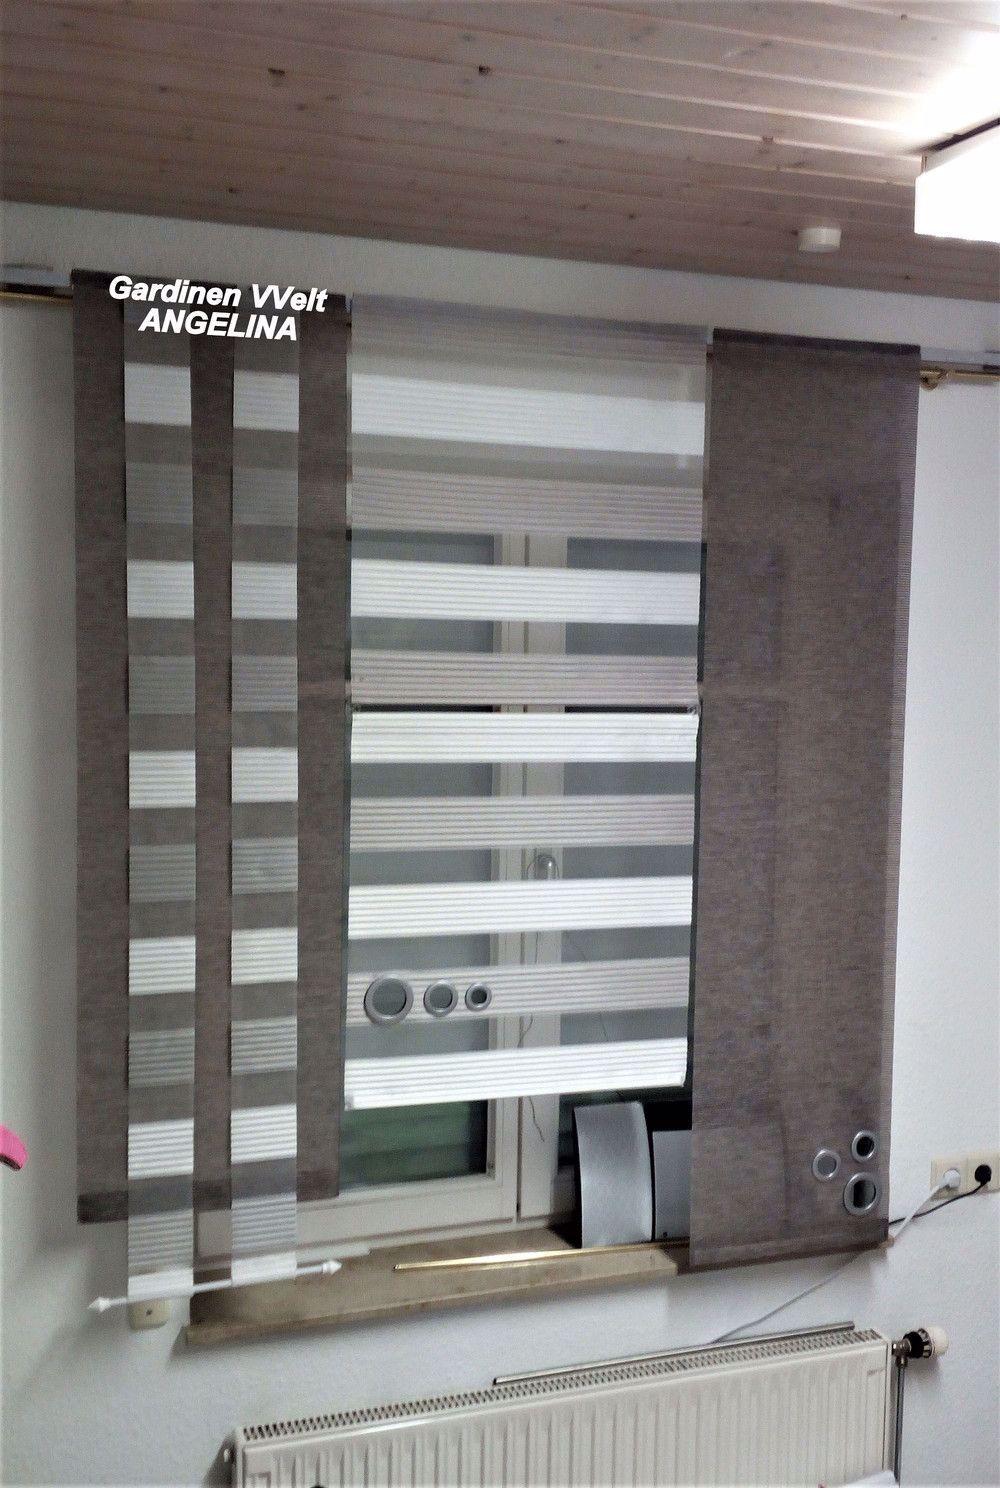 Gardinen Moderne Schiebegardinen Ein Designerstuck Von Gardinenweltangelina Bei Dawanda In 2020 Modern Window Design Sliding Curtains Diy Curtains